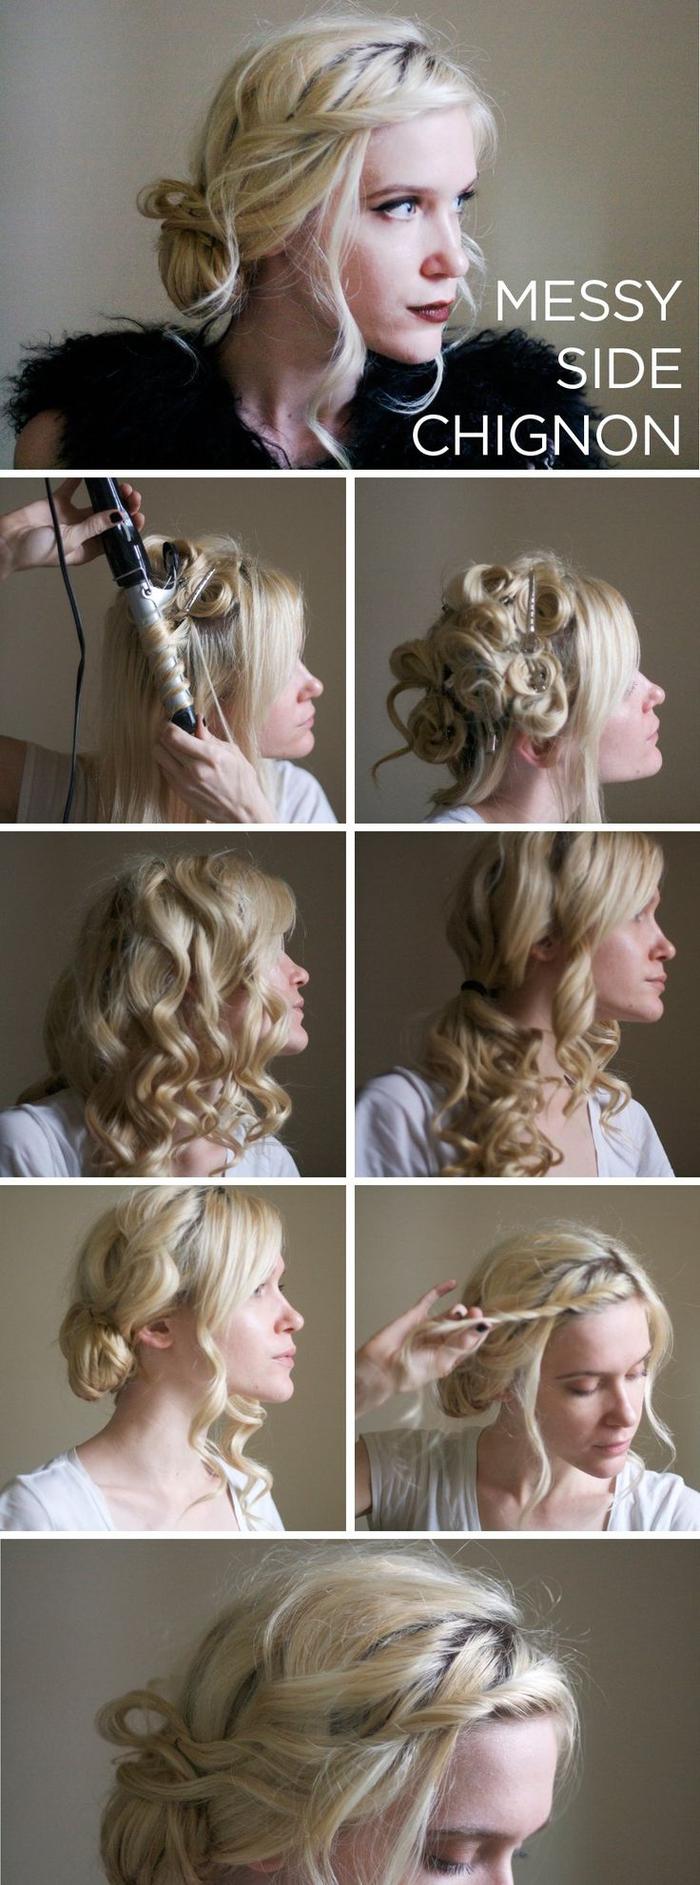 une coiffure bohème chic avec un chignon bouclé asymétrique et messy